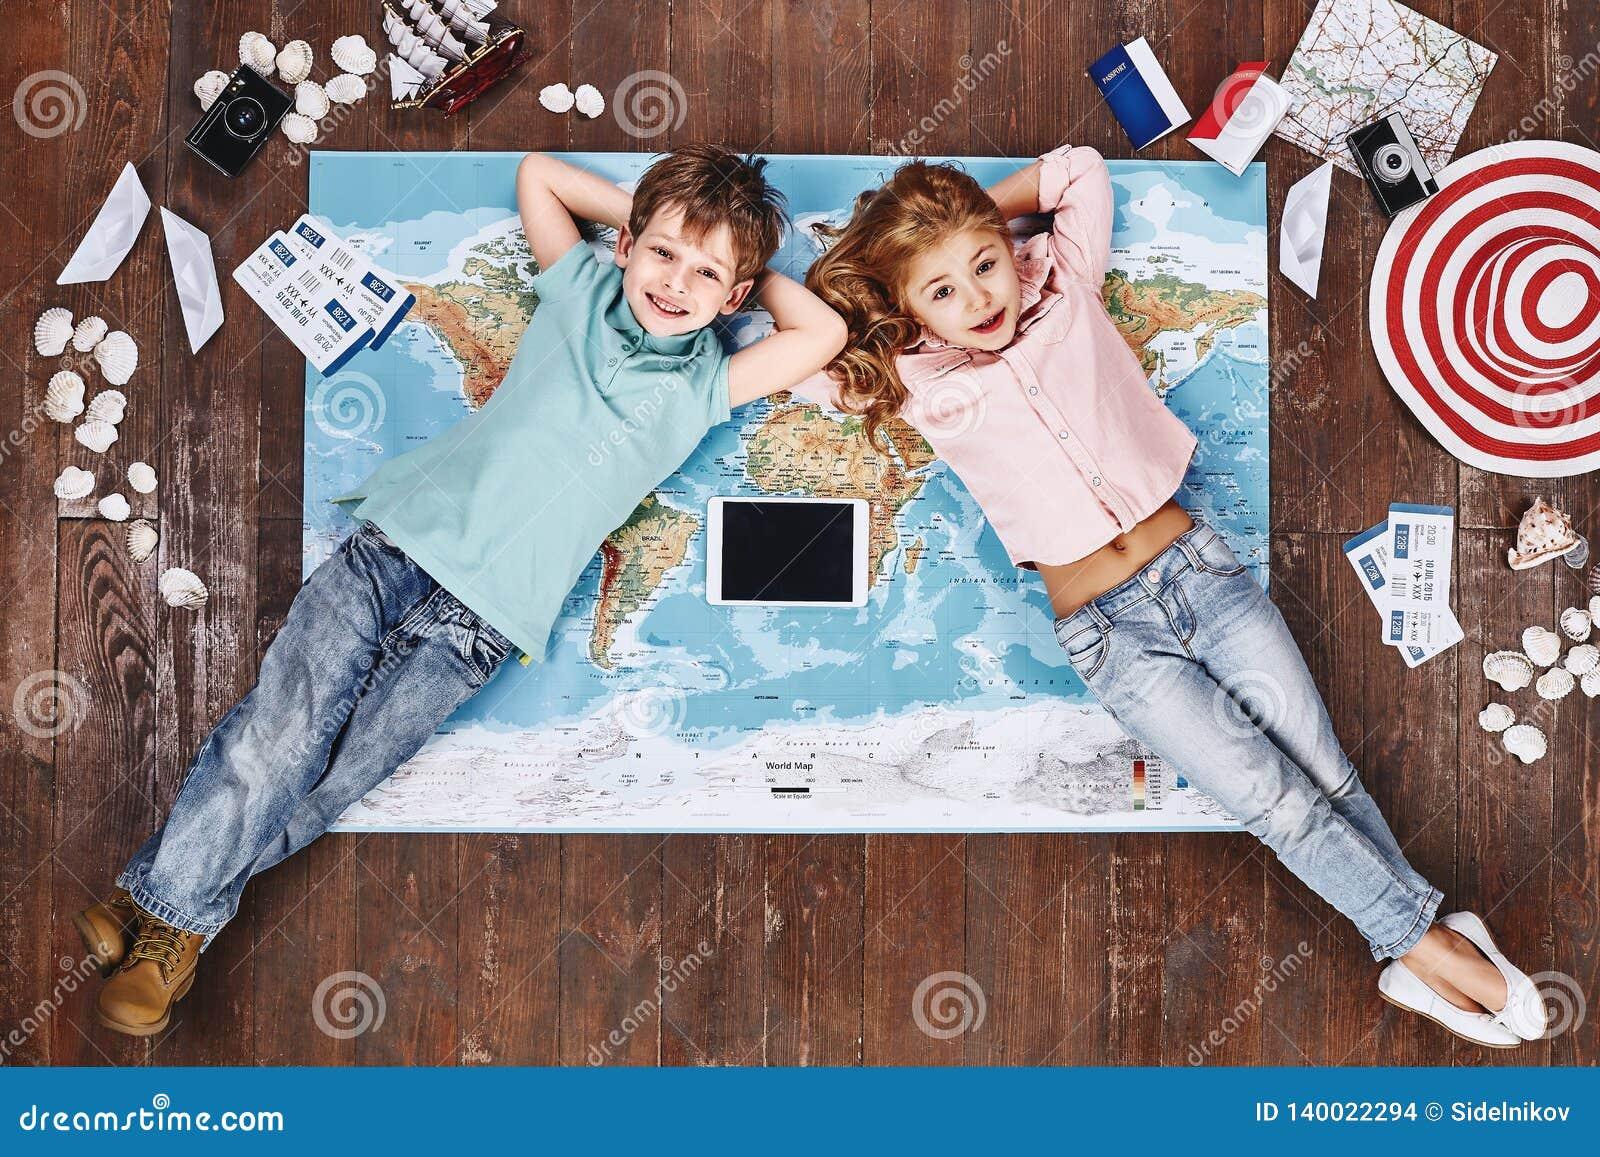 F r Mim e n d S Crianças que encontram-se no mapa do mundo perto dos artigos e do iPad do curso